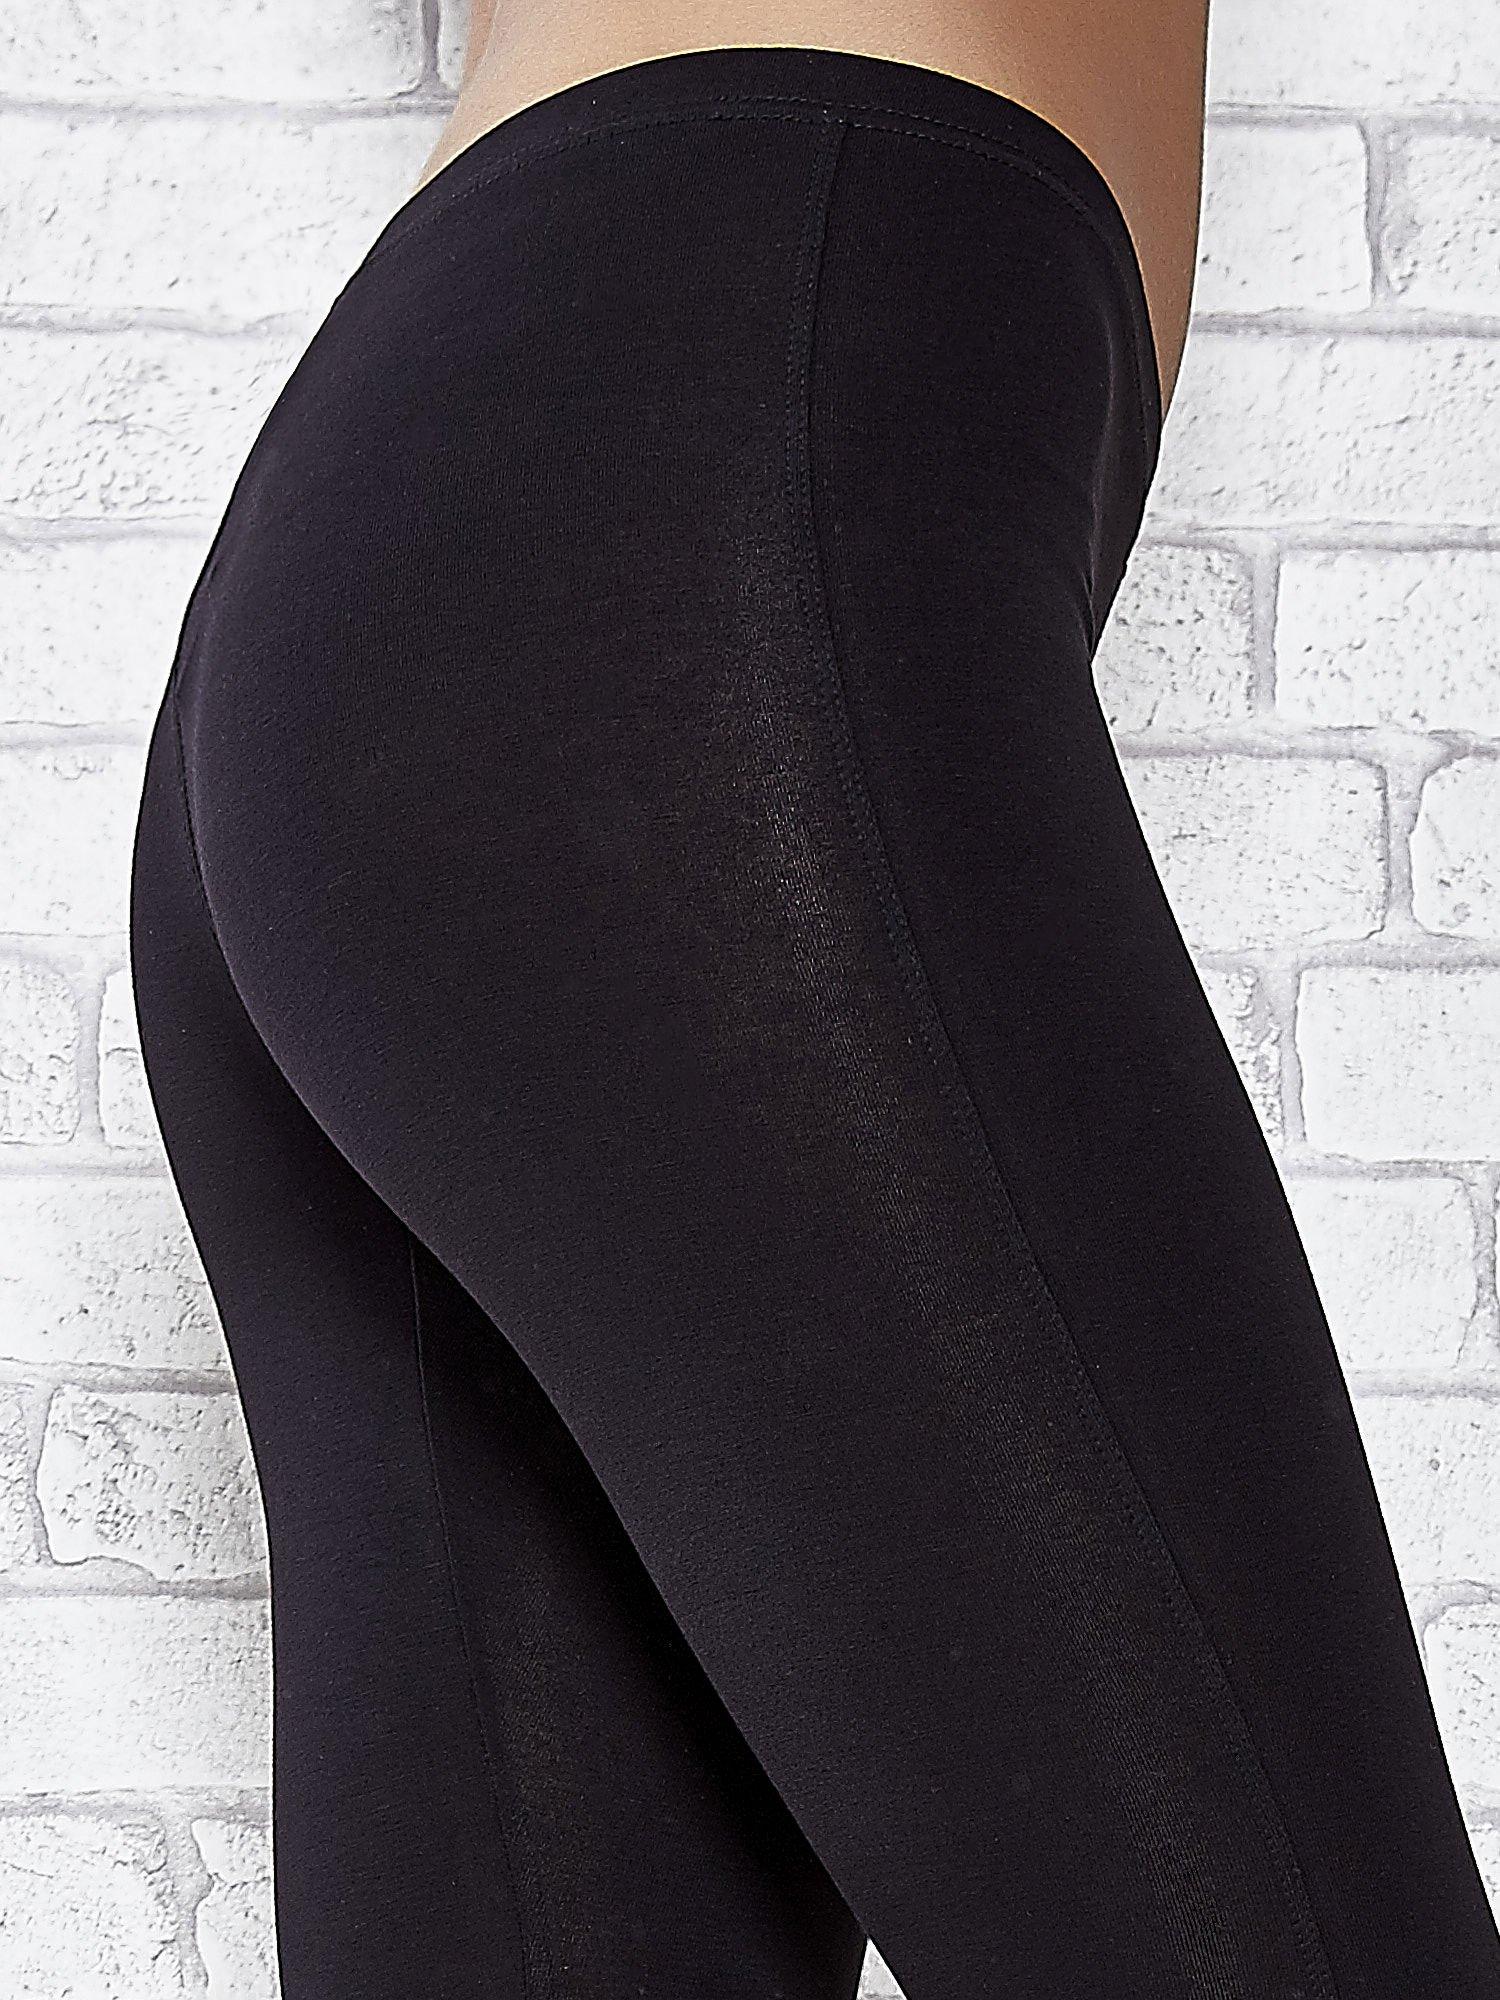 Czarne legginsy sportowe z patką z dżetów na dole                                  zdj.                                  4